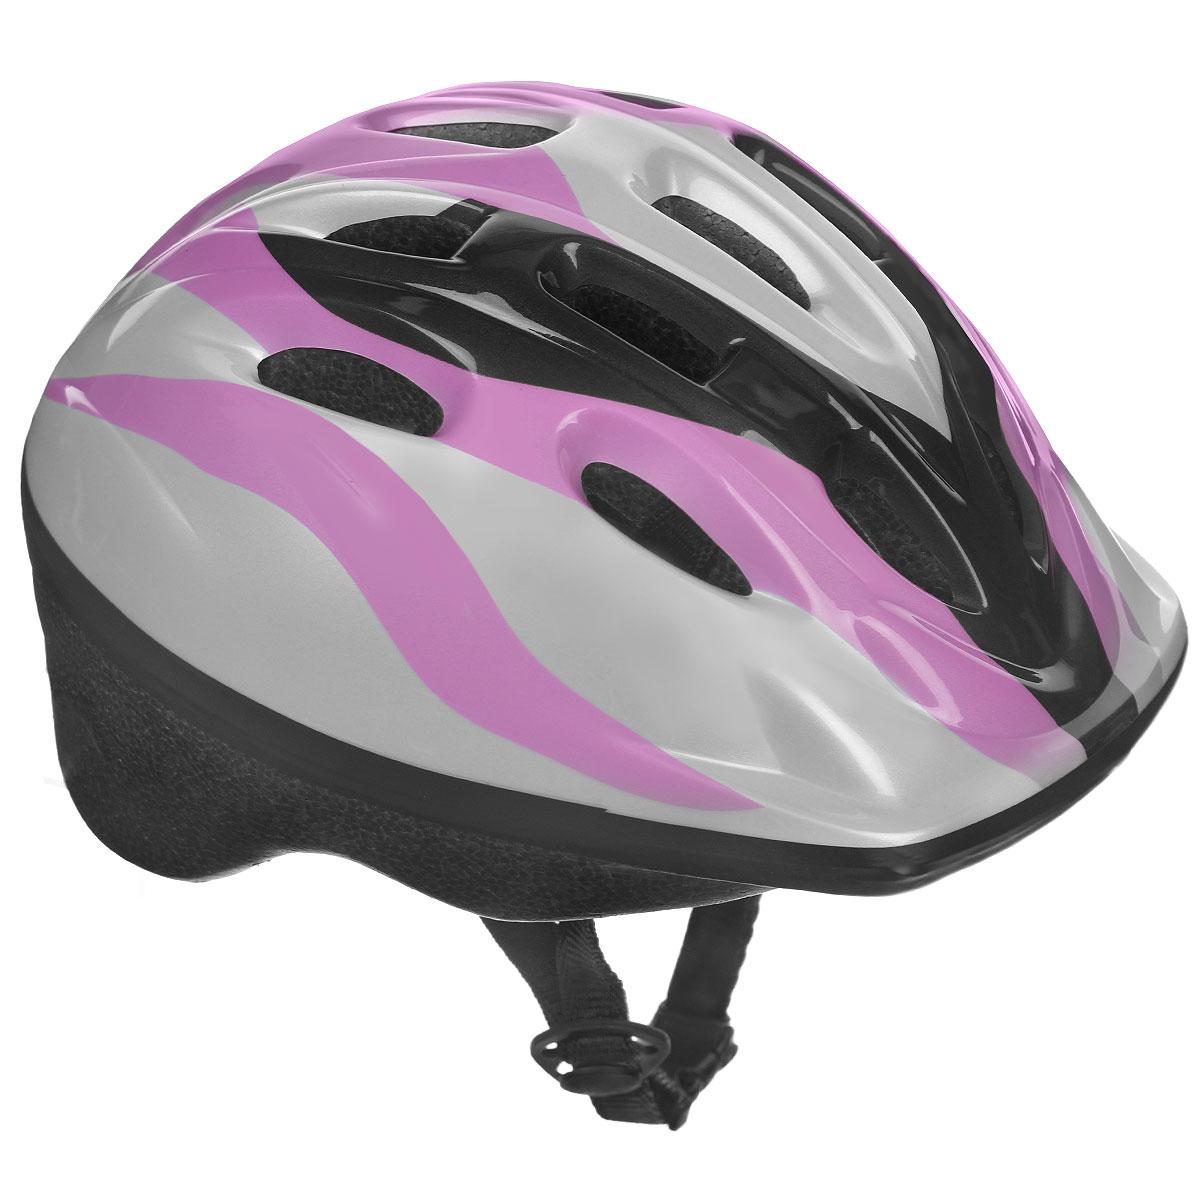 Шлем защитный Action, цвет: белый, черный, розовый. Размер XS (48-51). PWH-40Z90 blackШлем Action послужит отличной защитой для ребенка во время катания на роликах или велосипеде. Он выполнен из плотного вспененного пенопласта, покрытого пластиковой пленкой и отлично сидит на голове, благодаря мягким вставкам на внутренней стороне. Шлем снабжен системой вентиляции и крепится при помощи удобного регулируемого ремня с пластиковым карабином, застегивающимся на подбородке.